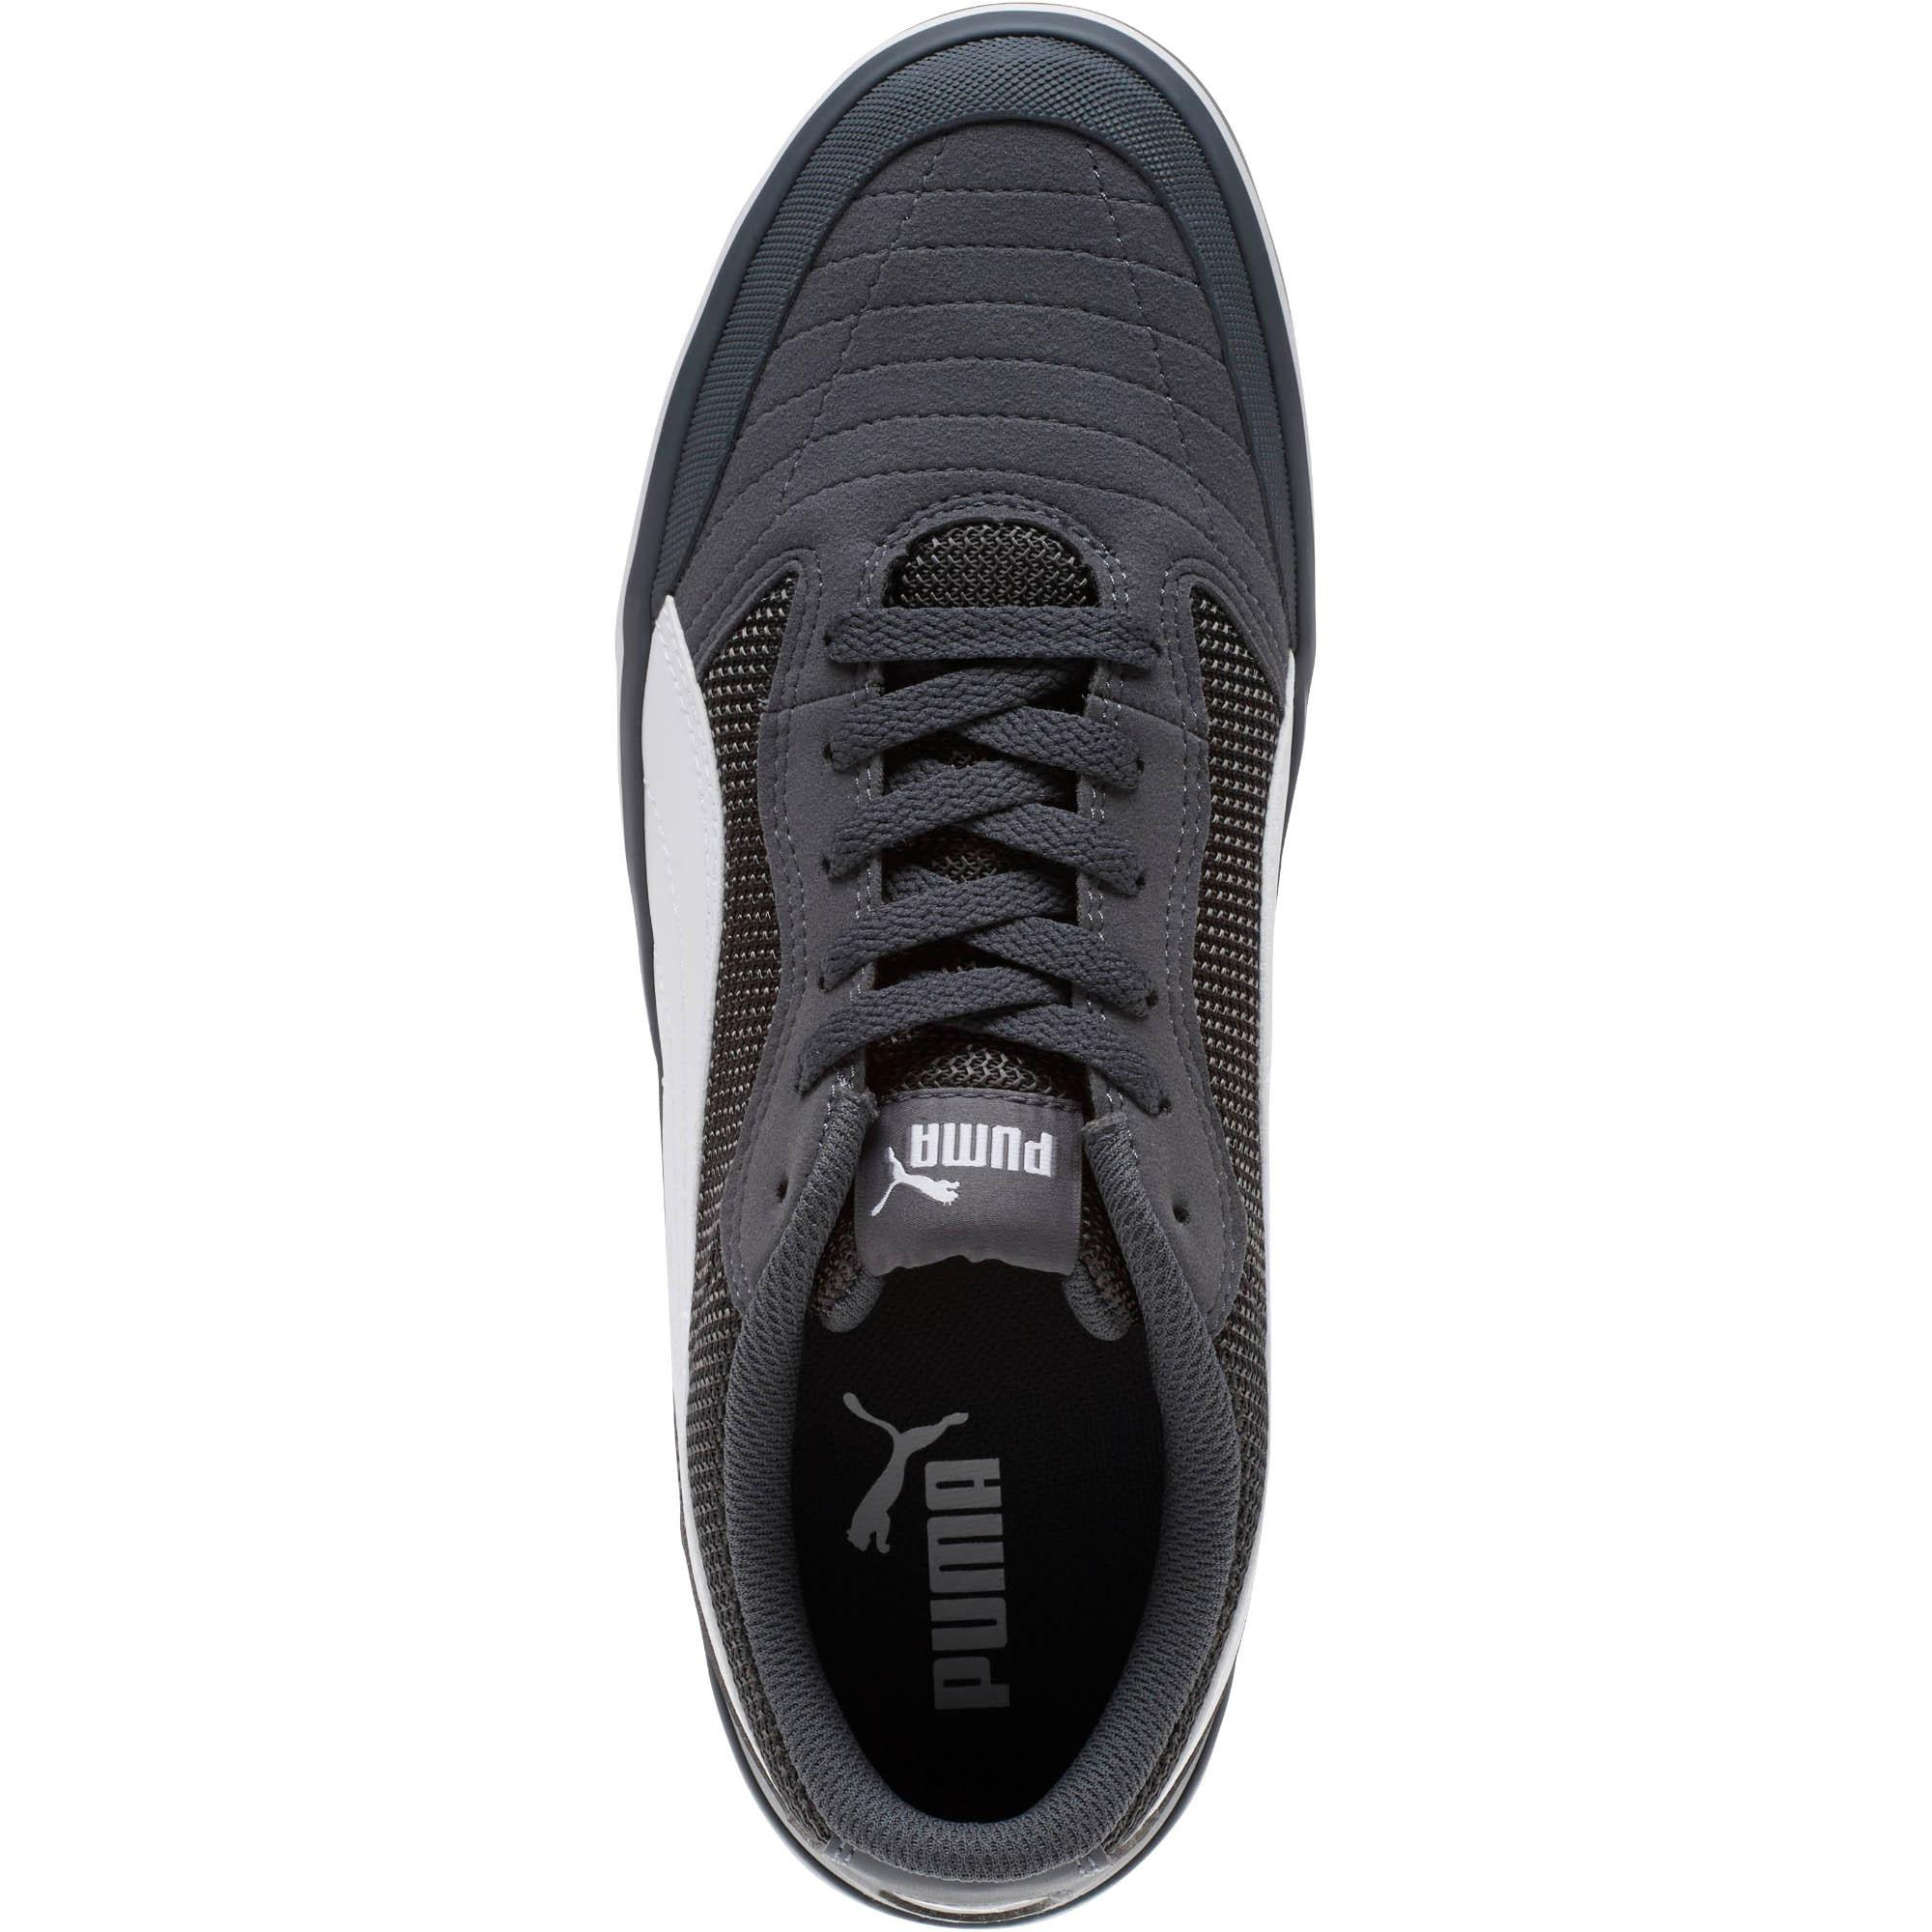 c02adaec0c2b PUMA - Black Astro Sala Men s Sneakers for Men - Lyst. View fullscreen